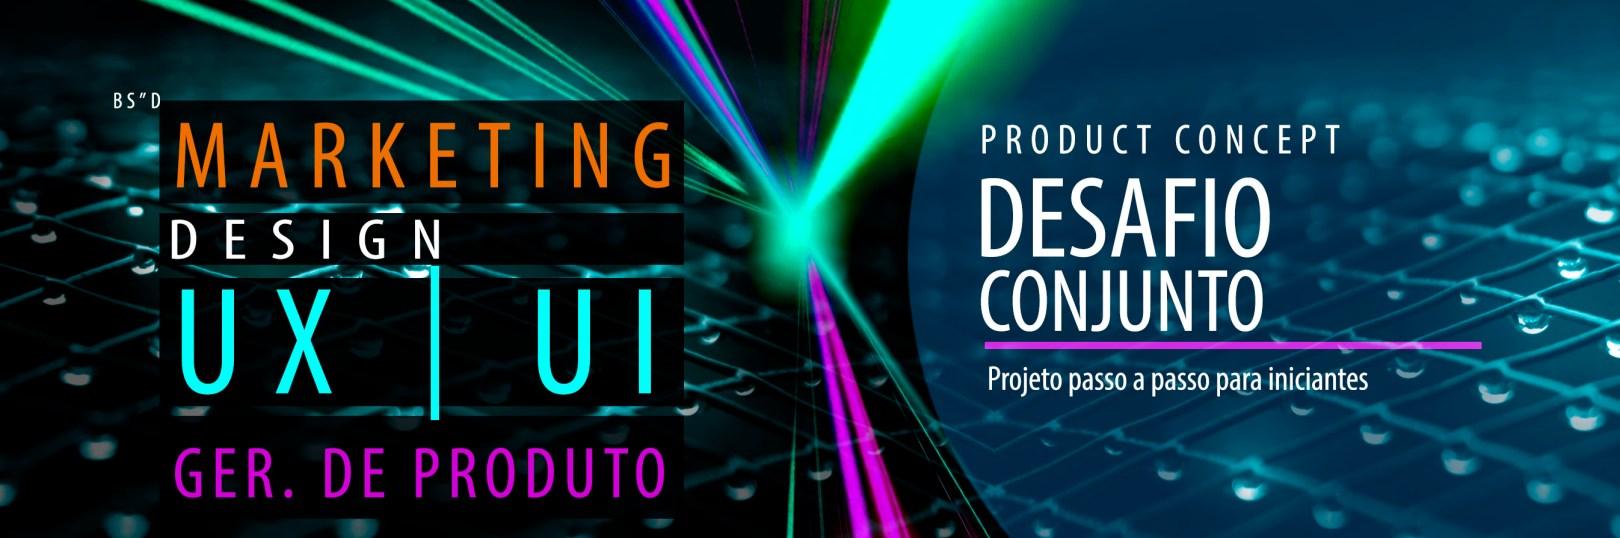 Ux Design e Design THINKING evento ao vivo no Rio de Janeiro - Entrada gratuita